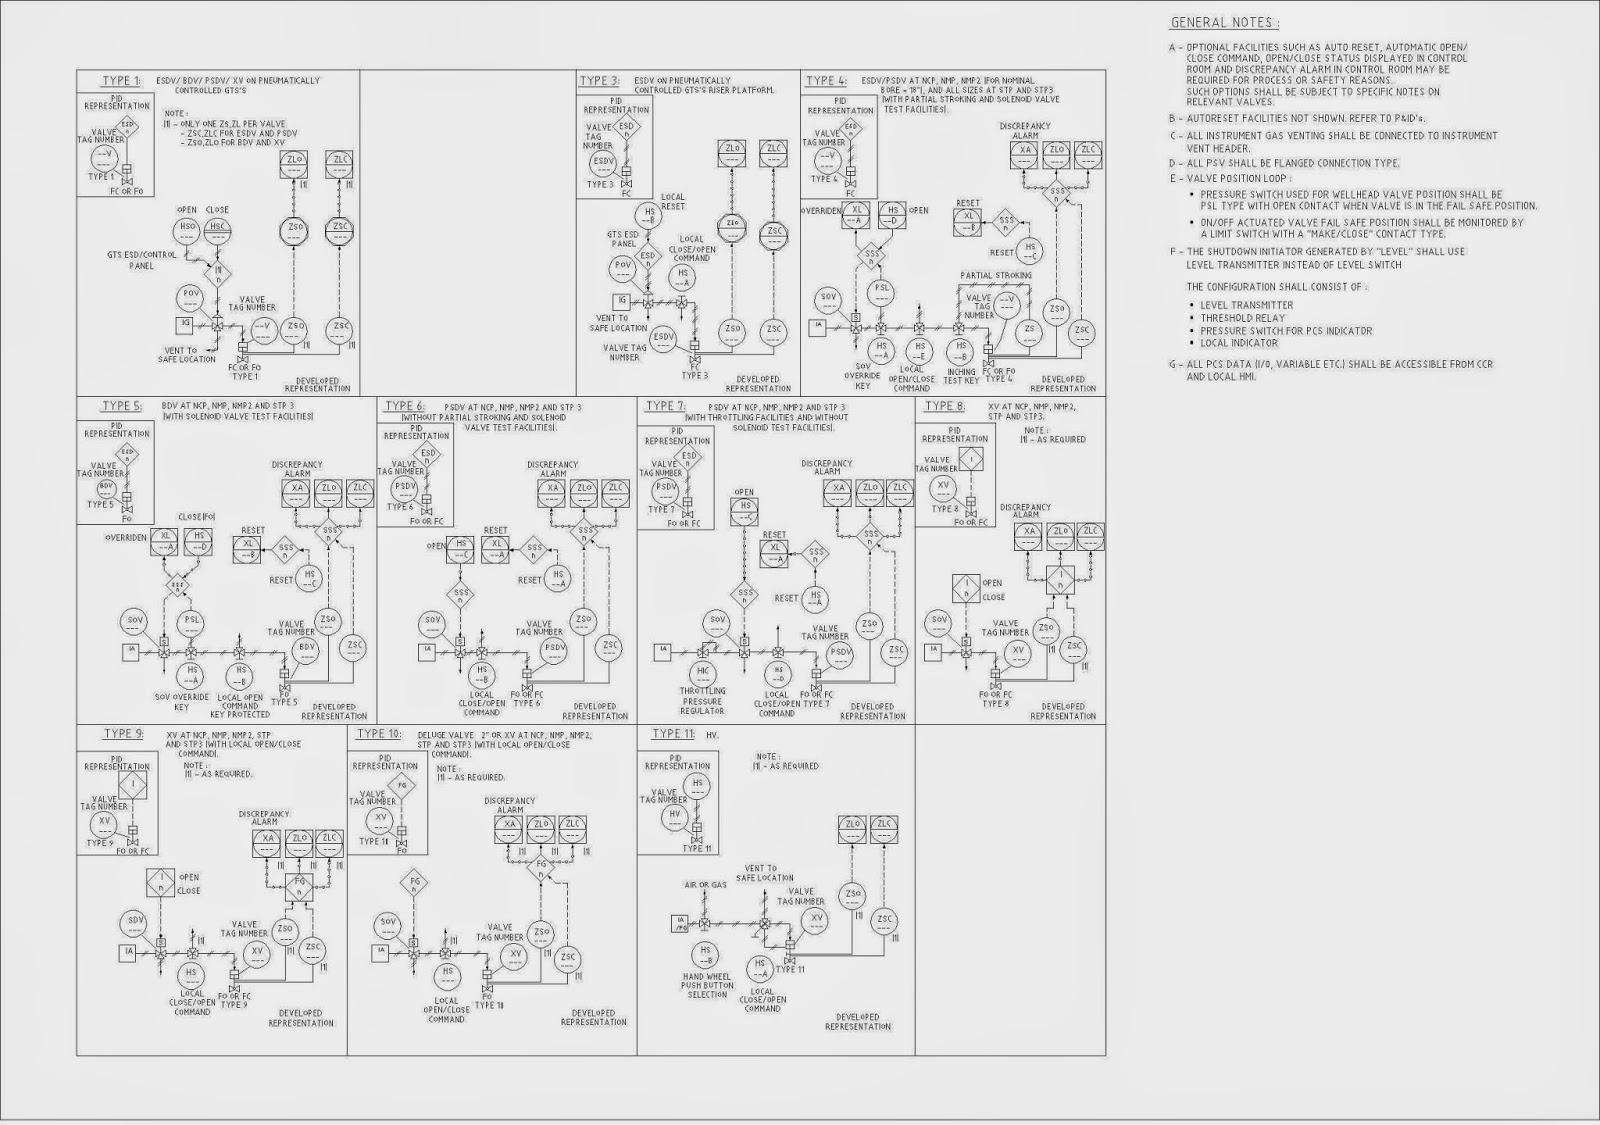 medium resolution of page 3 of 6